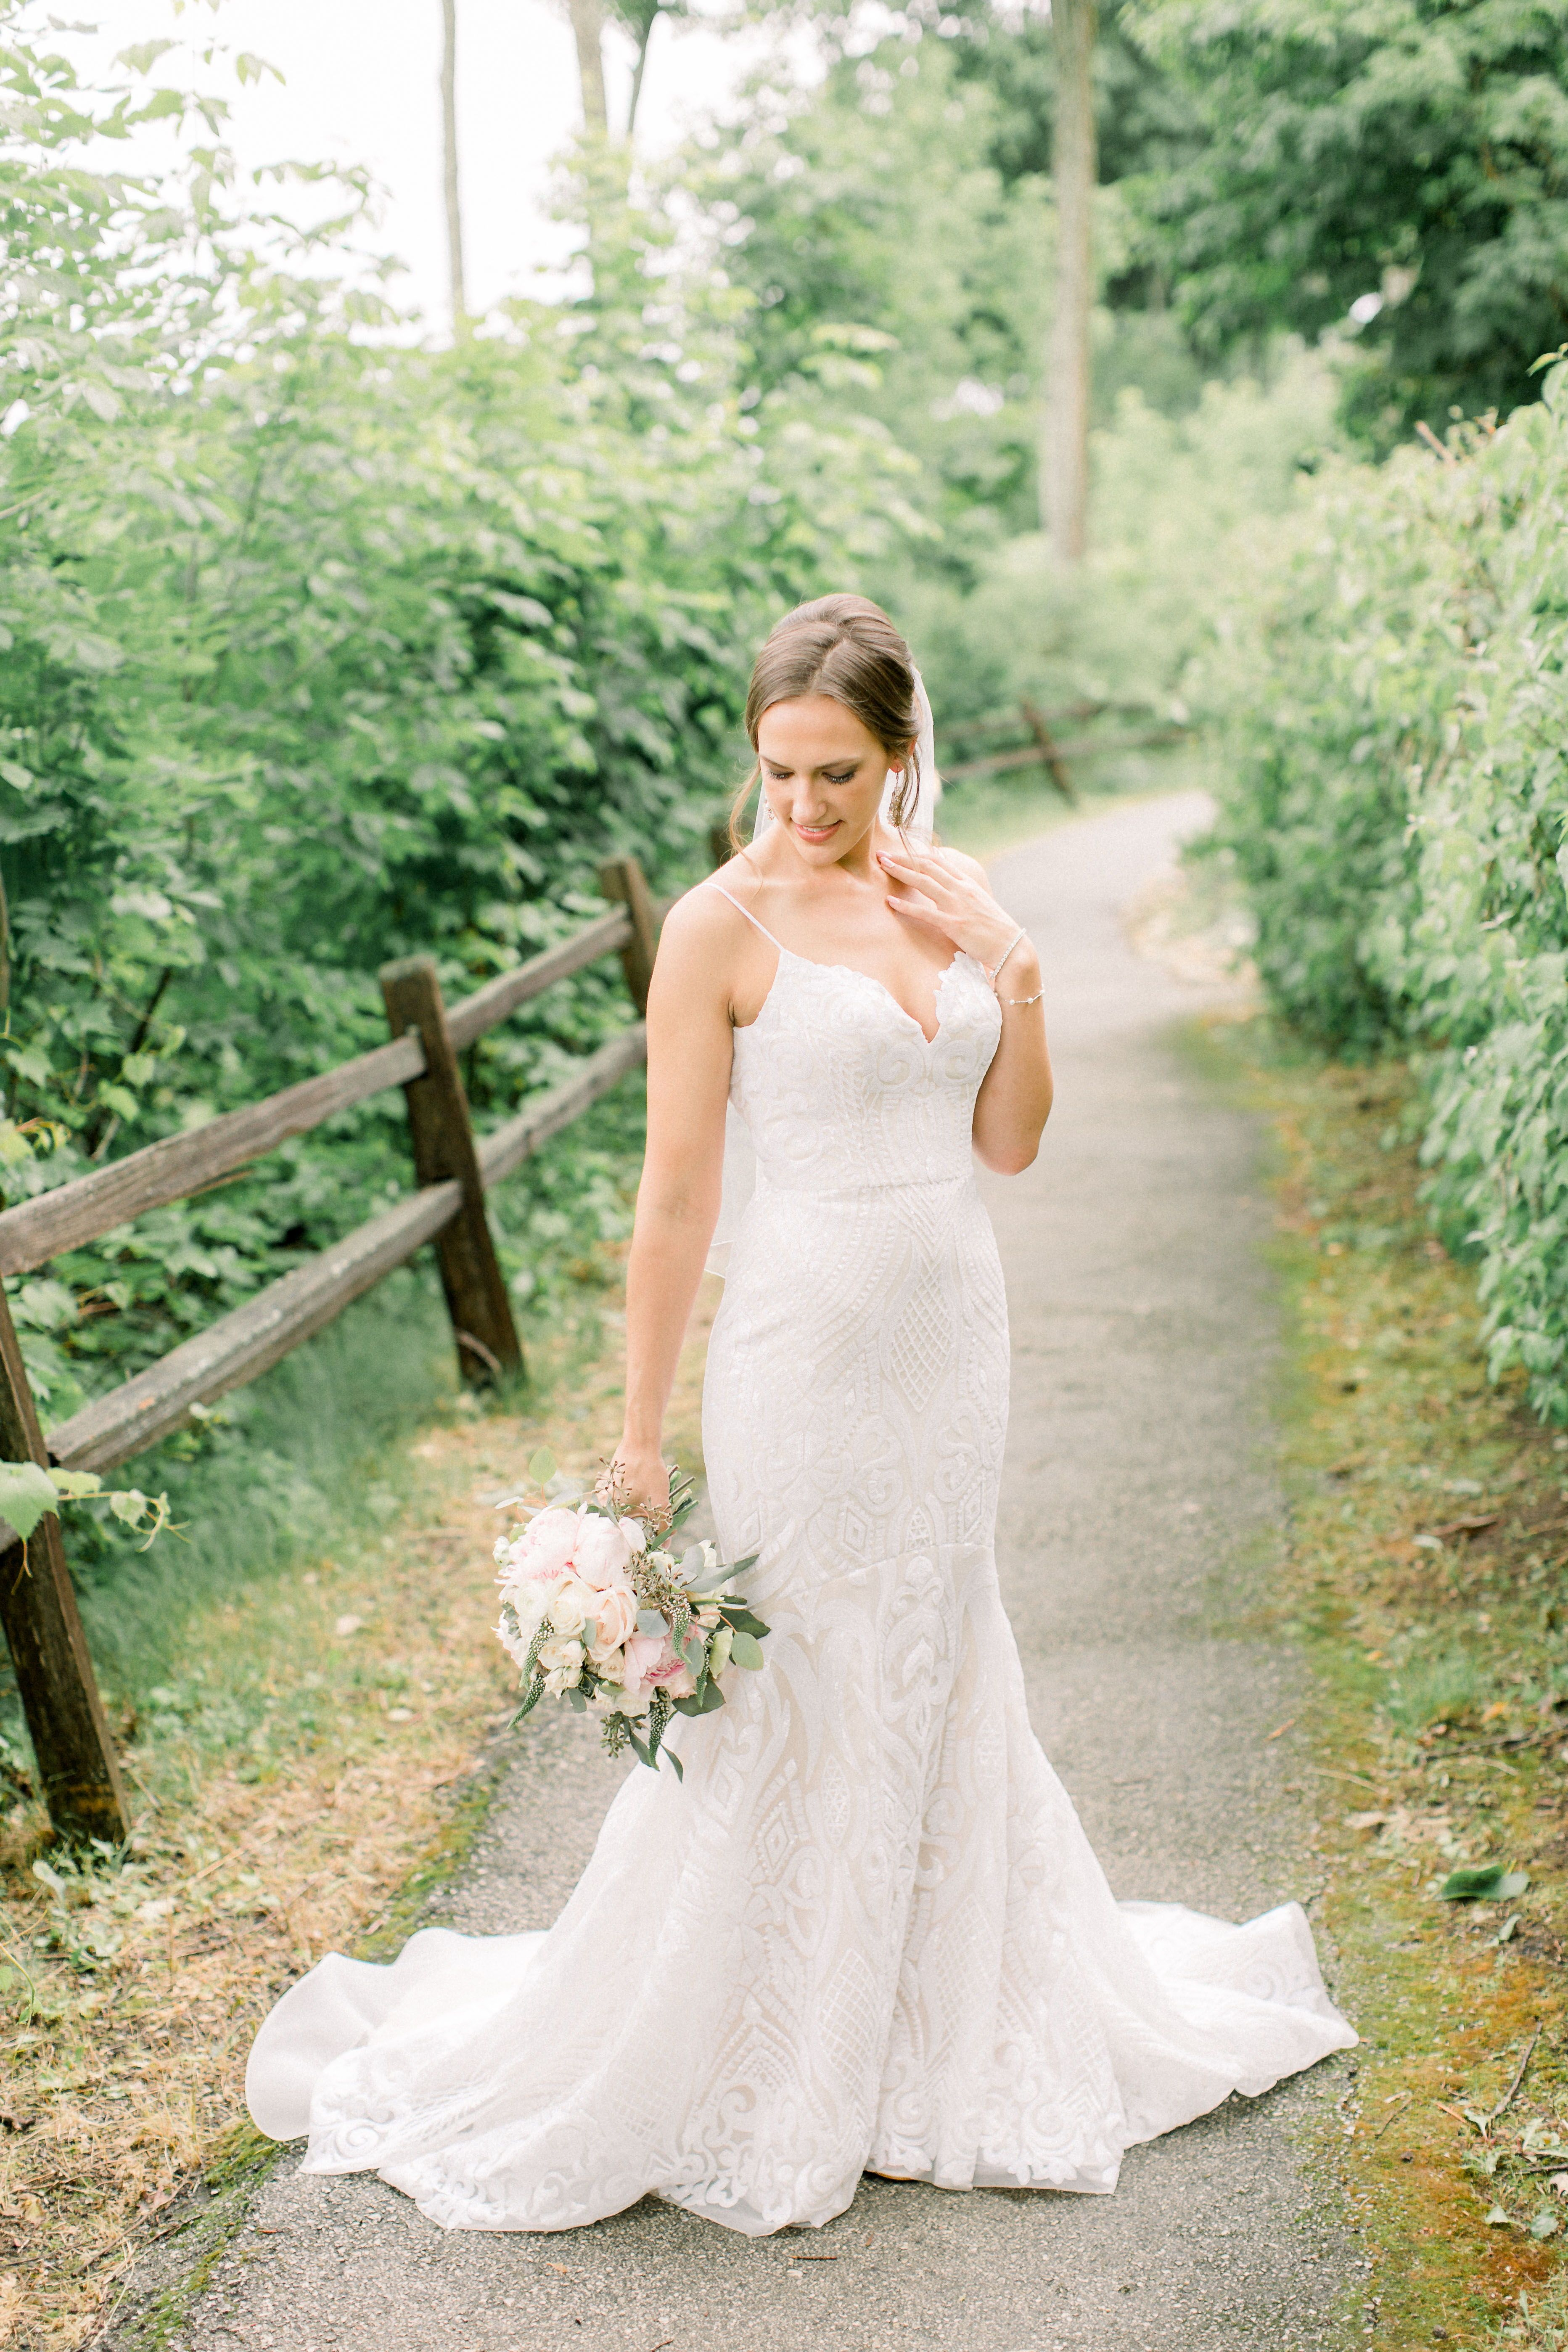 Kerry Nicholas An Elegant Outdoor Wedding At Woodwalk Gallery In Door County Jessica Bedore Photography Film Wedding Photographer Wisconsin Wedding Classic Wedding Flowers [ 5593 x 3729 Pixel ]